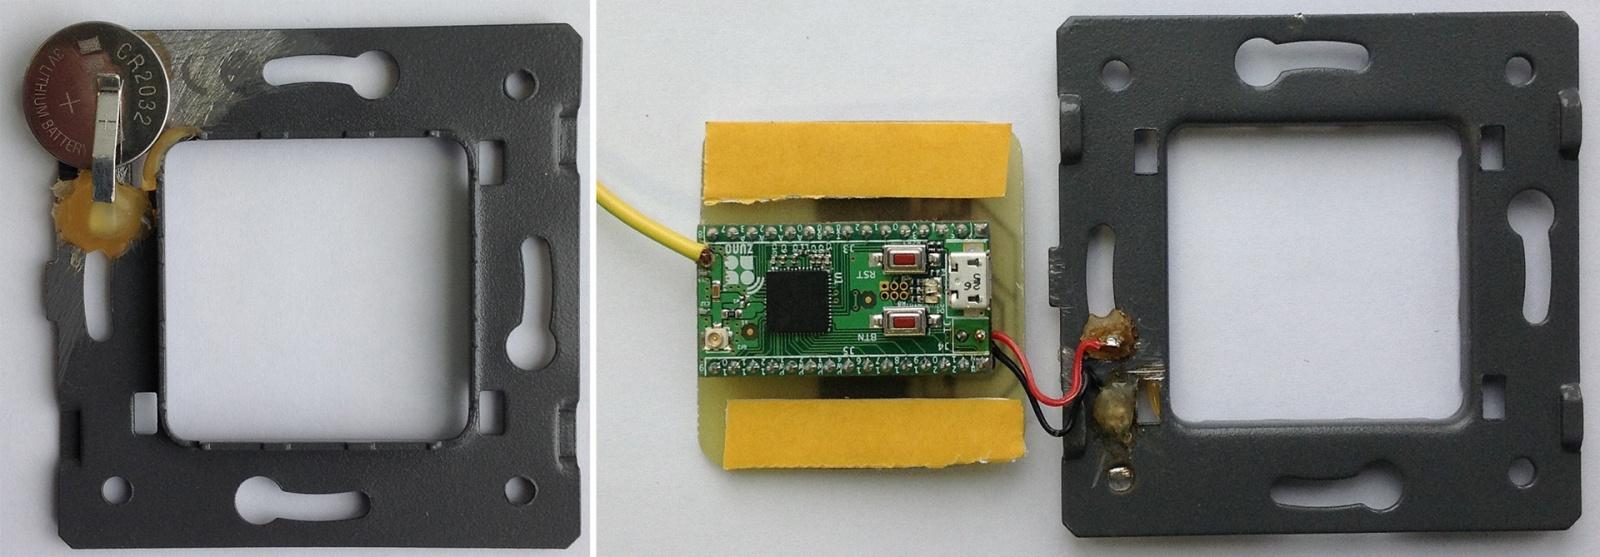 Сенсорный радио выключатель на батарейках. Livolo + Z-Uno - 7